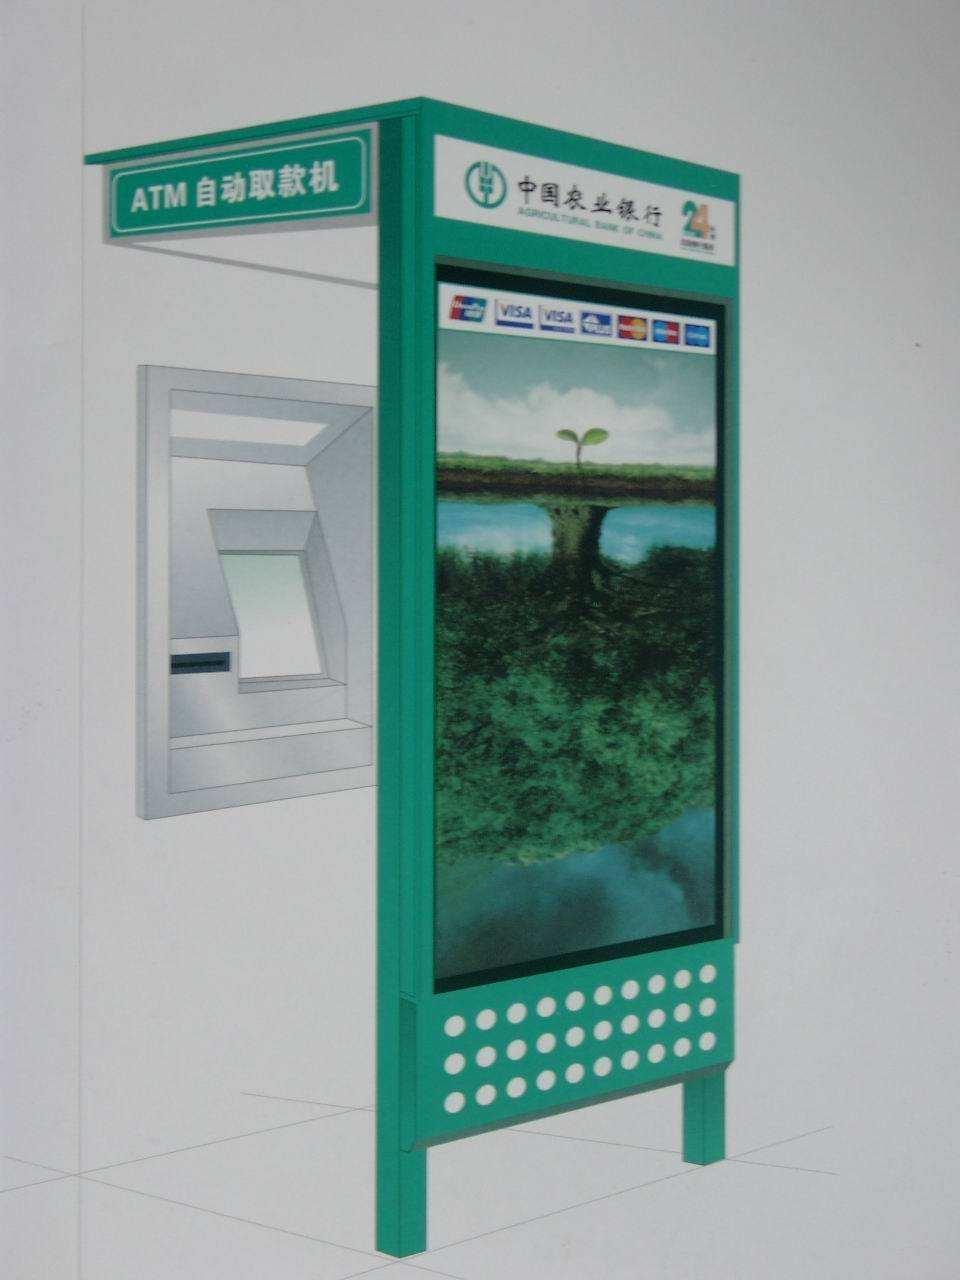 ATM防护罩生产厂家